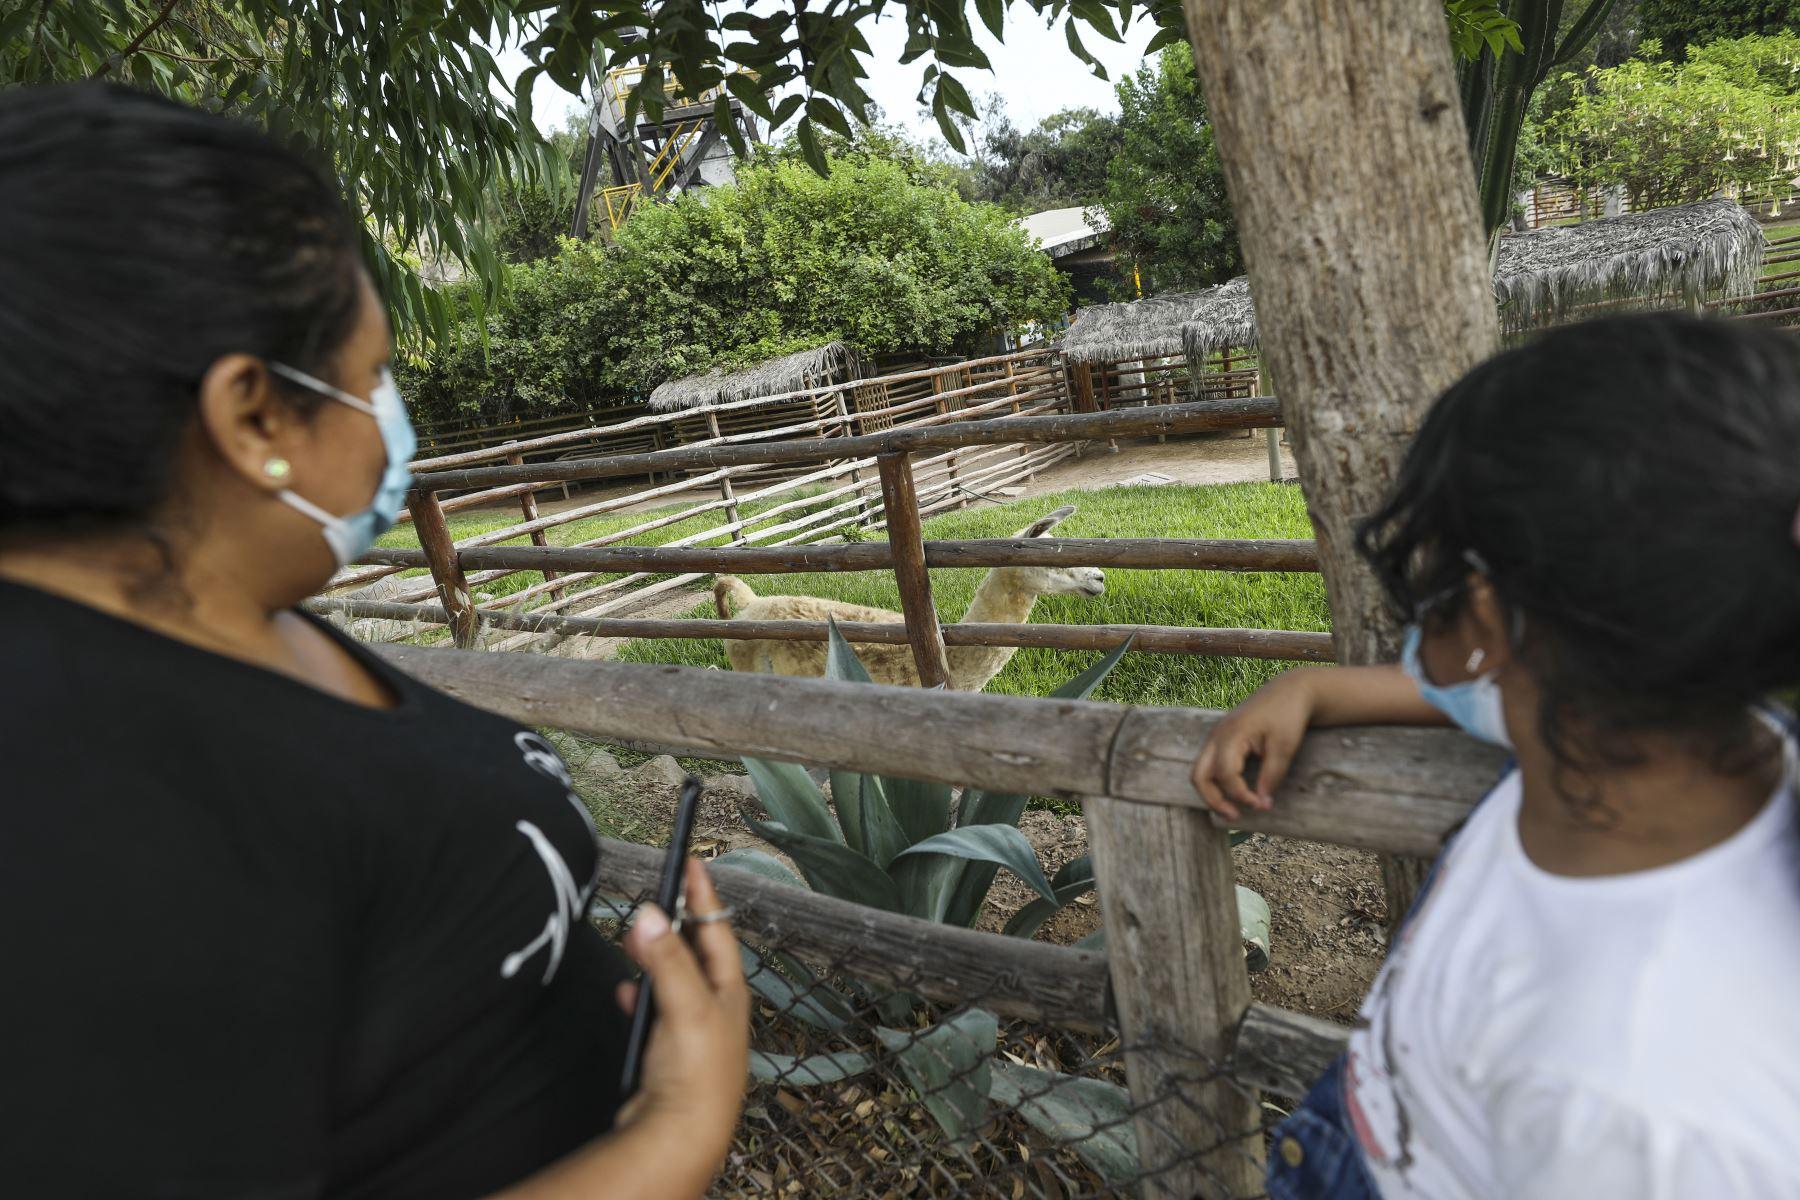 Parque de las Leyendas de Lima reabrió sus instalaciones con un aforo de hasta el 30% de su capacidad tras el levantamiento de la cuarentena. Foto: ANDINA/Municipalidad de Lima